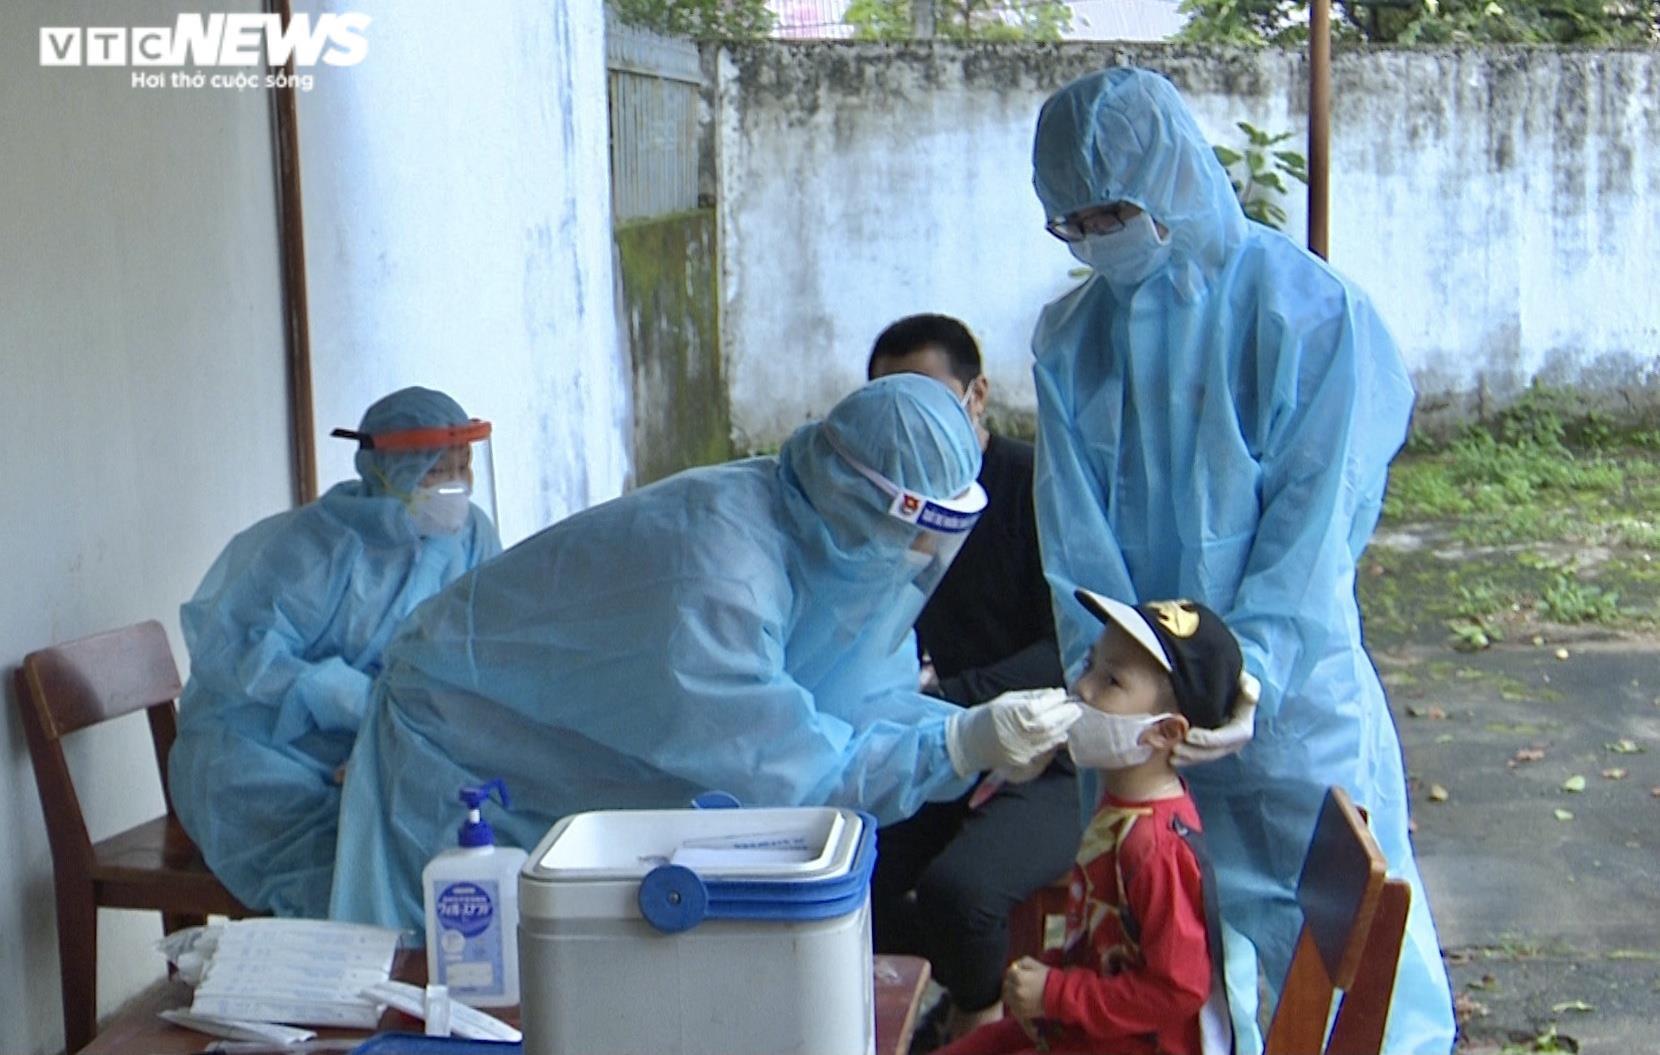 Ảnh: Lấy mẫu xét nghiệm 2.100 người, Gia Lai thêm 3 ca dương tính SARS-CoV-2 - 5